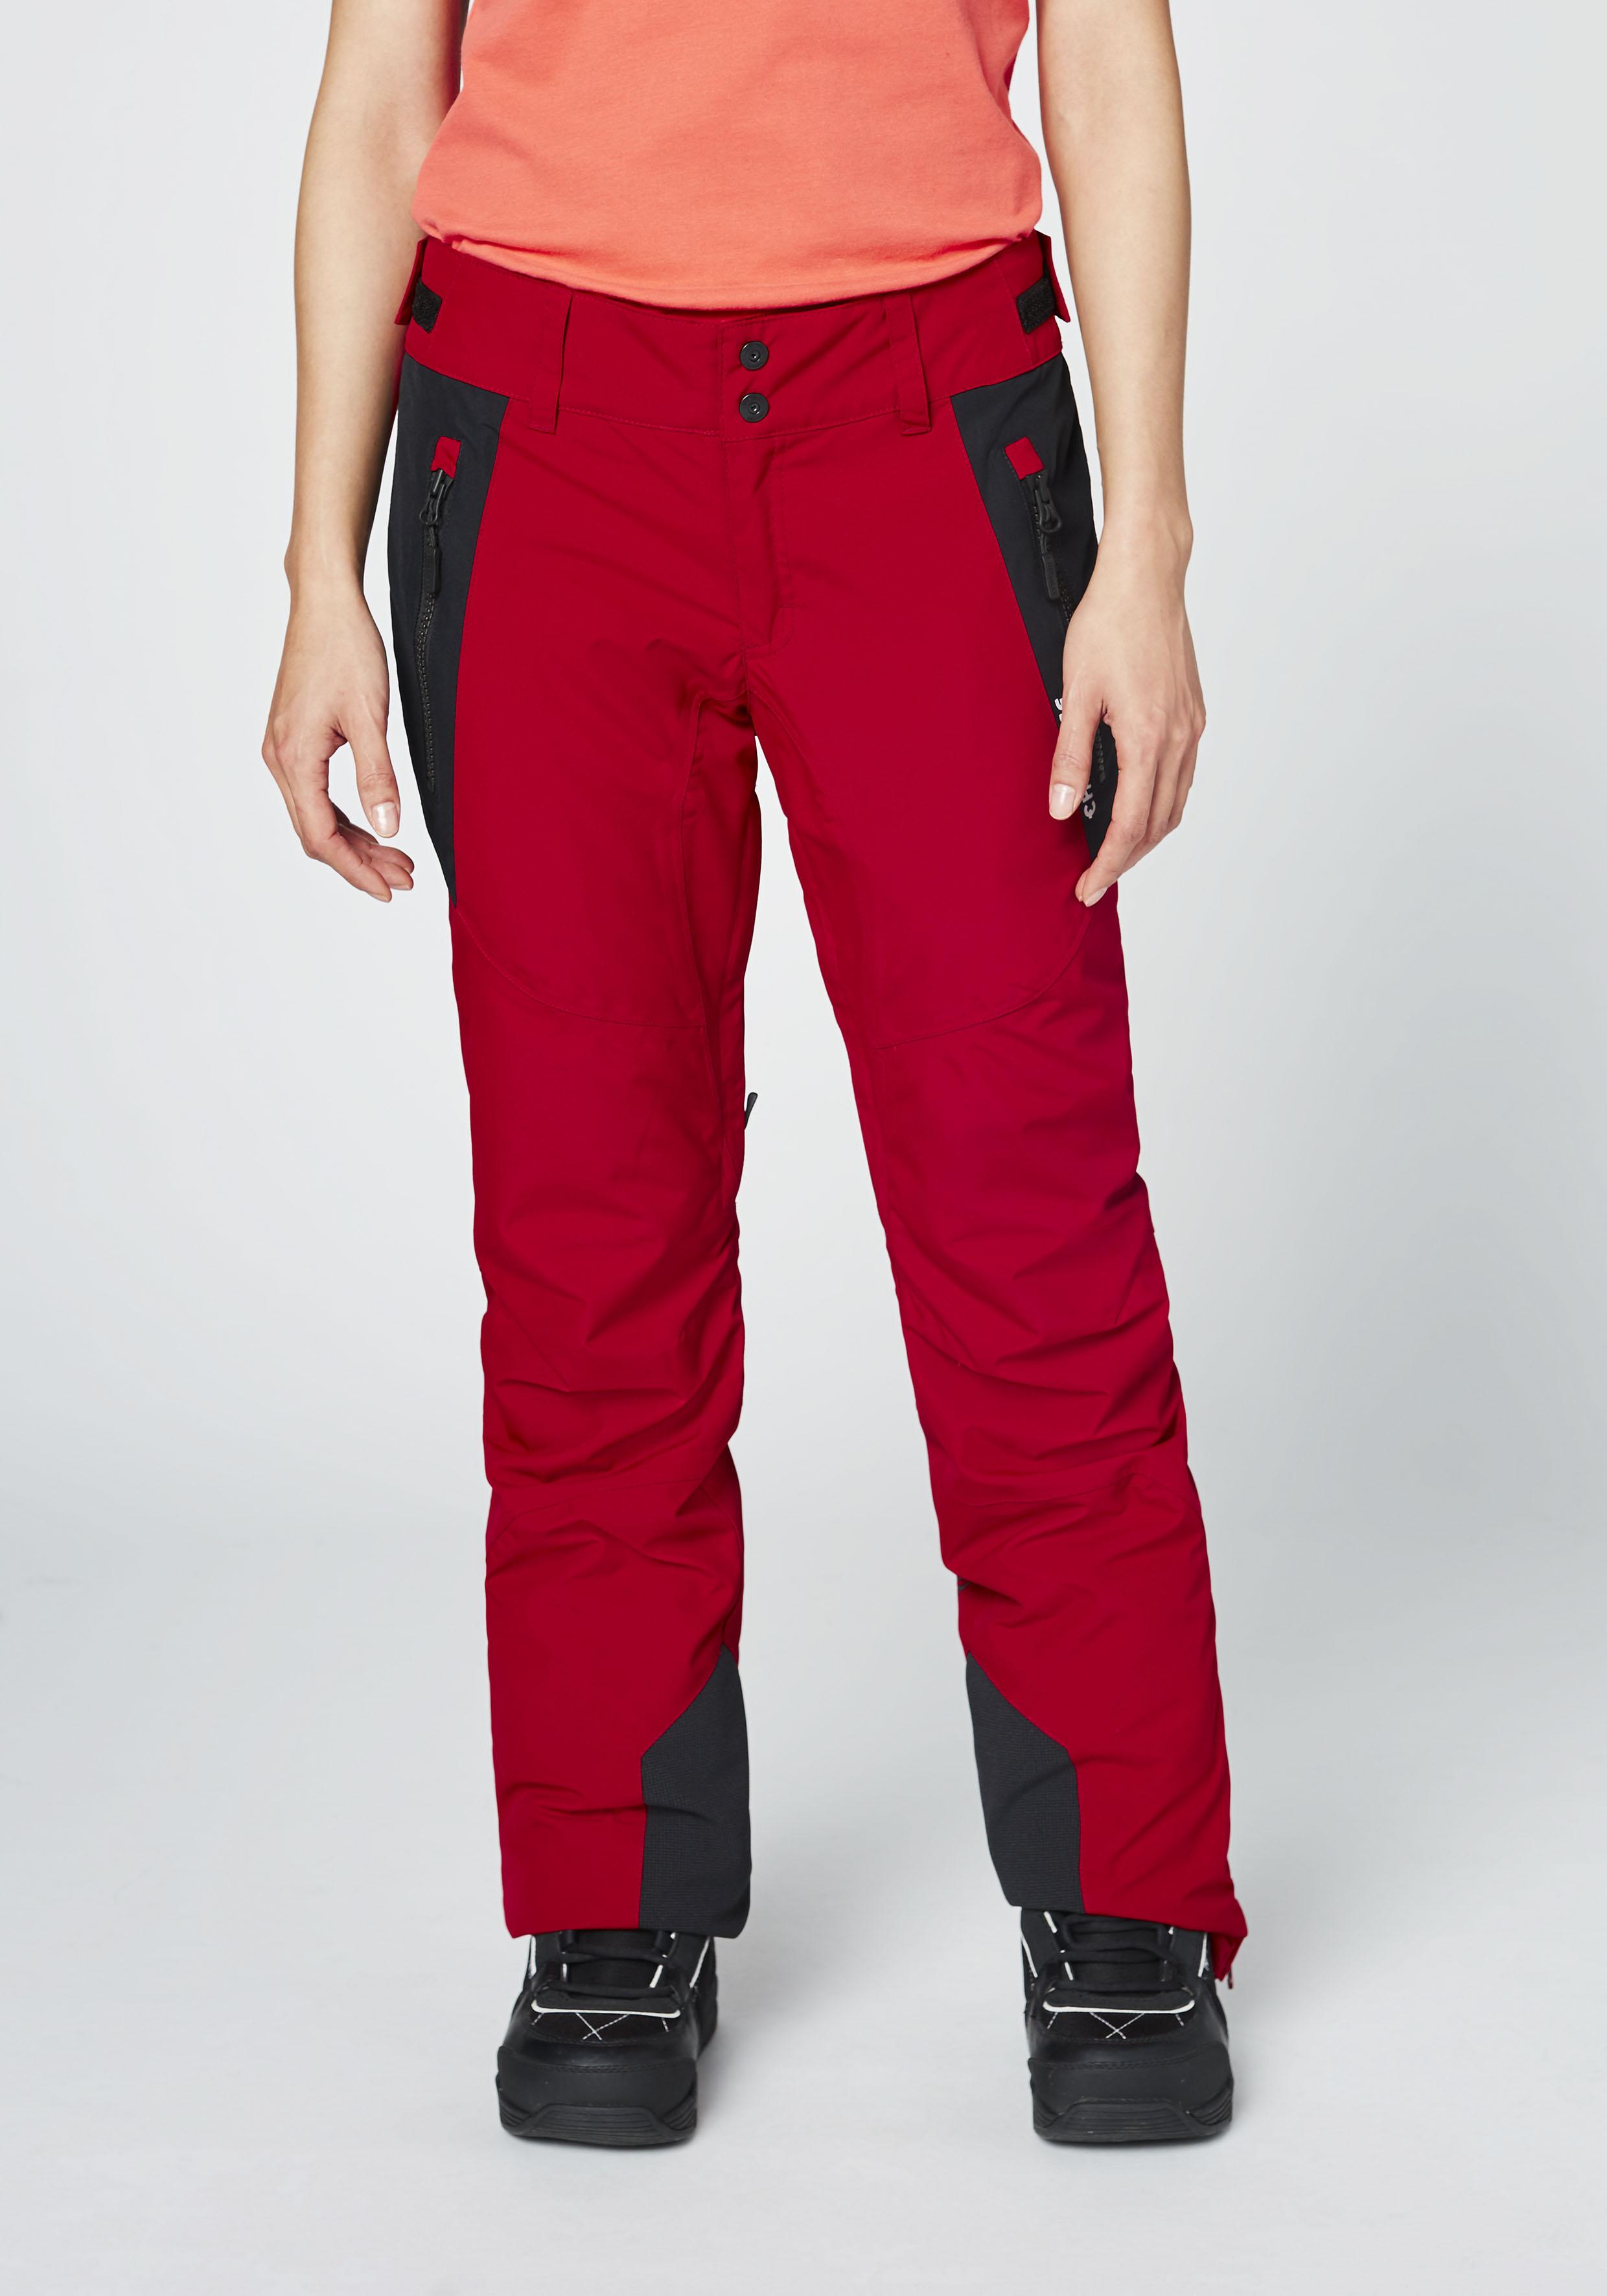 Chiemsee Skihose Skihose für Damen | Sportbekleidung > Sporthosen | Rot | Chiemsee